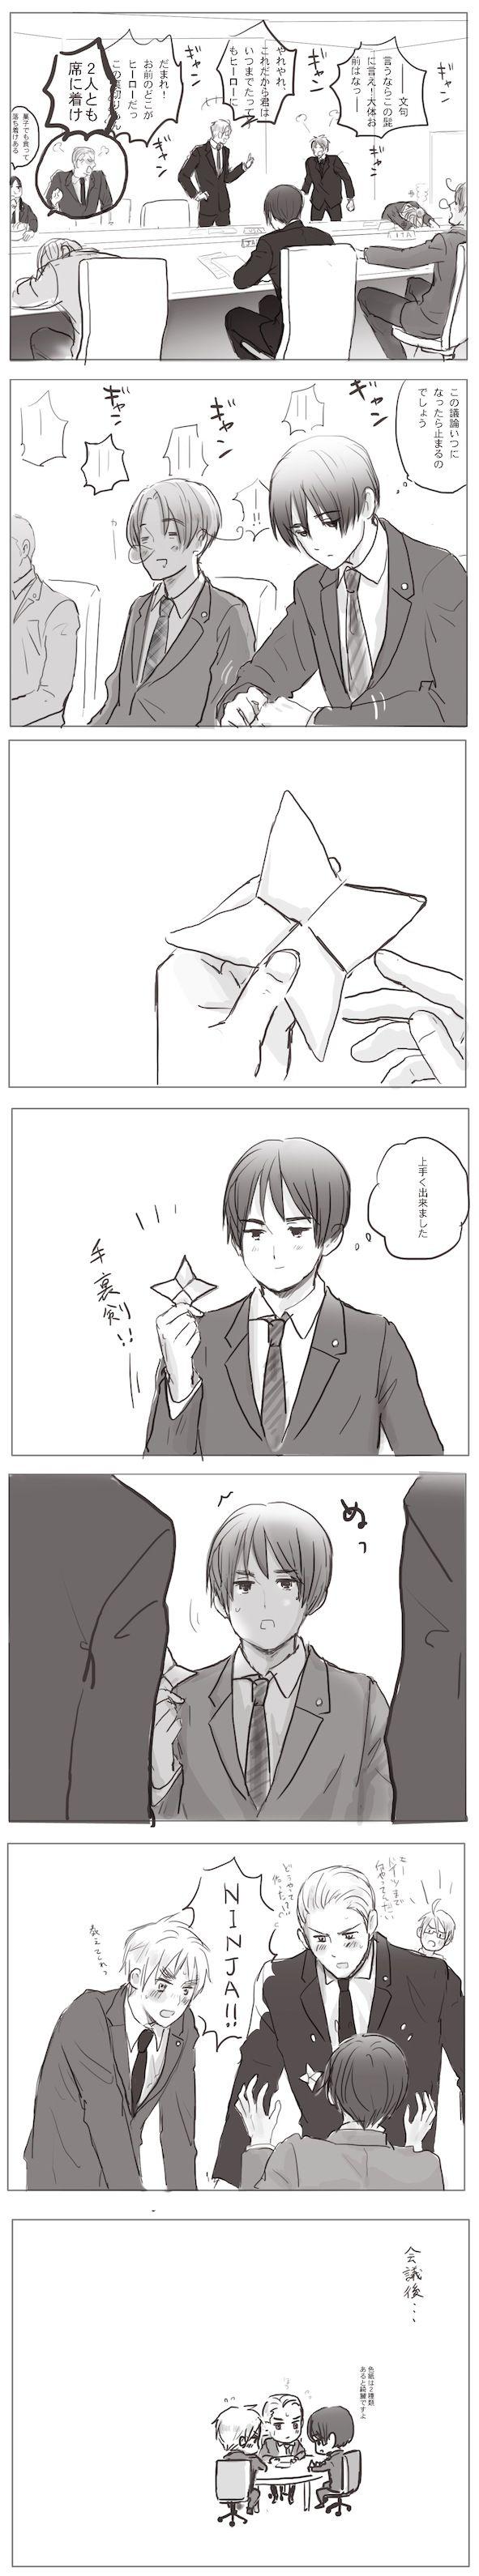 「LOG」/「mis」の漫画 [pixiv]